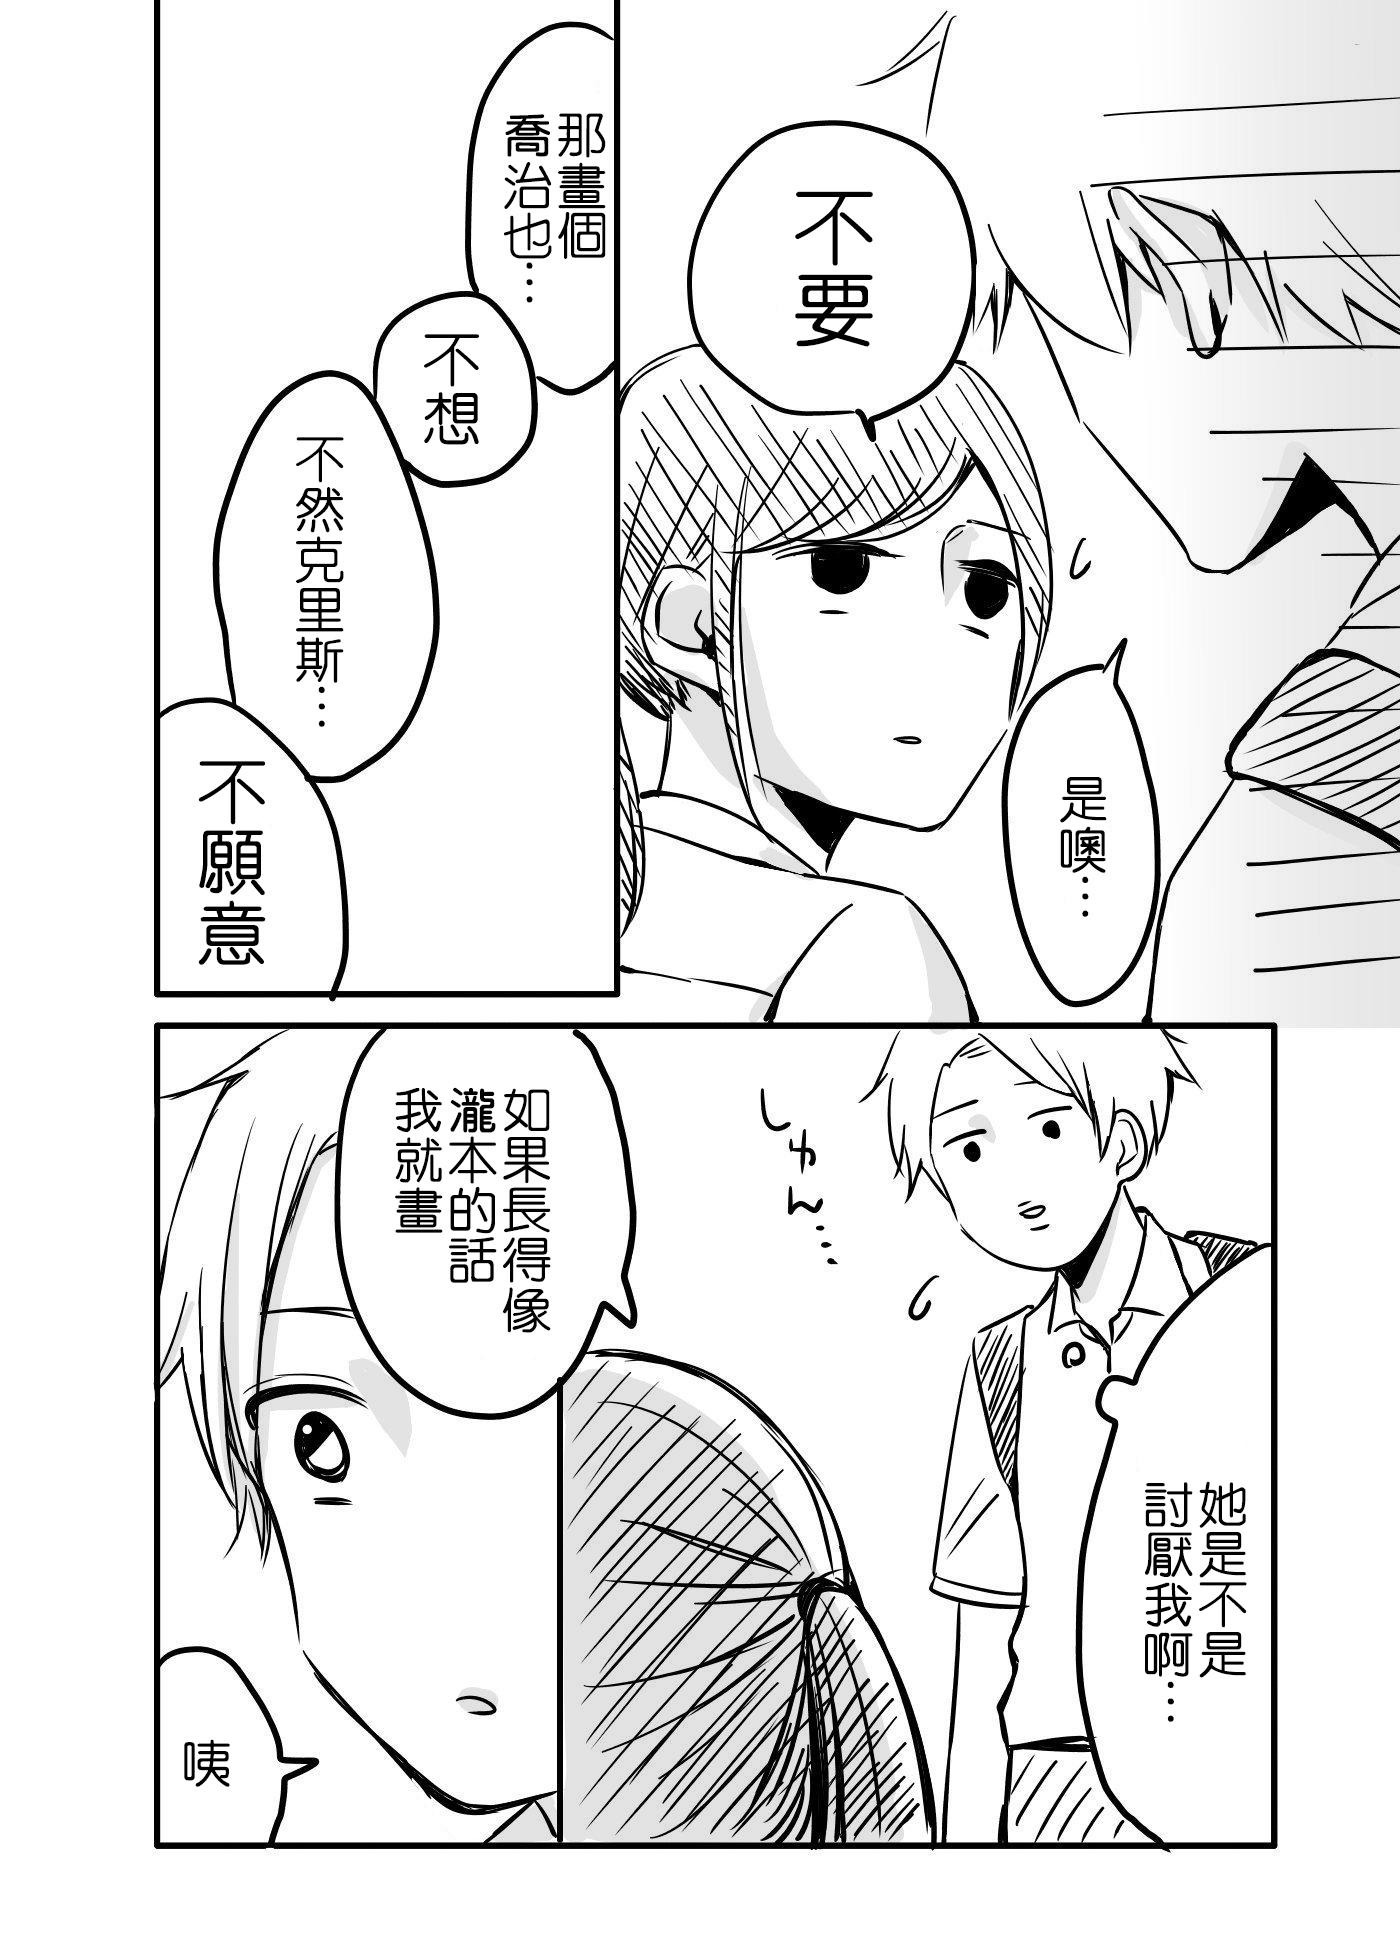 【漫畫】立葵-很會畫的同班同學 - wind945的創作 - 巴哈姆特